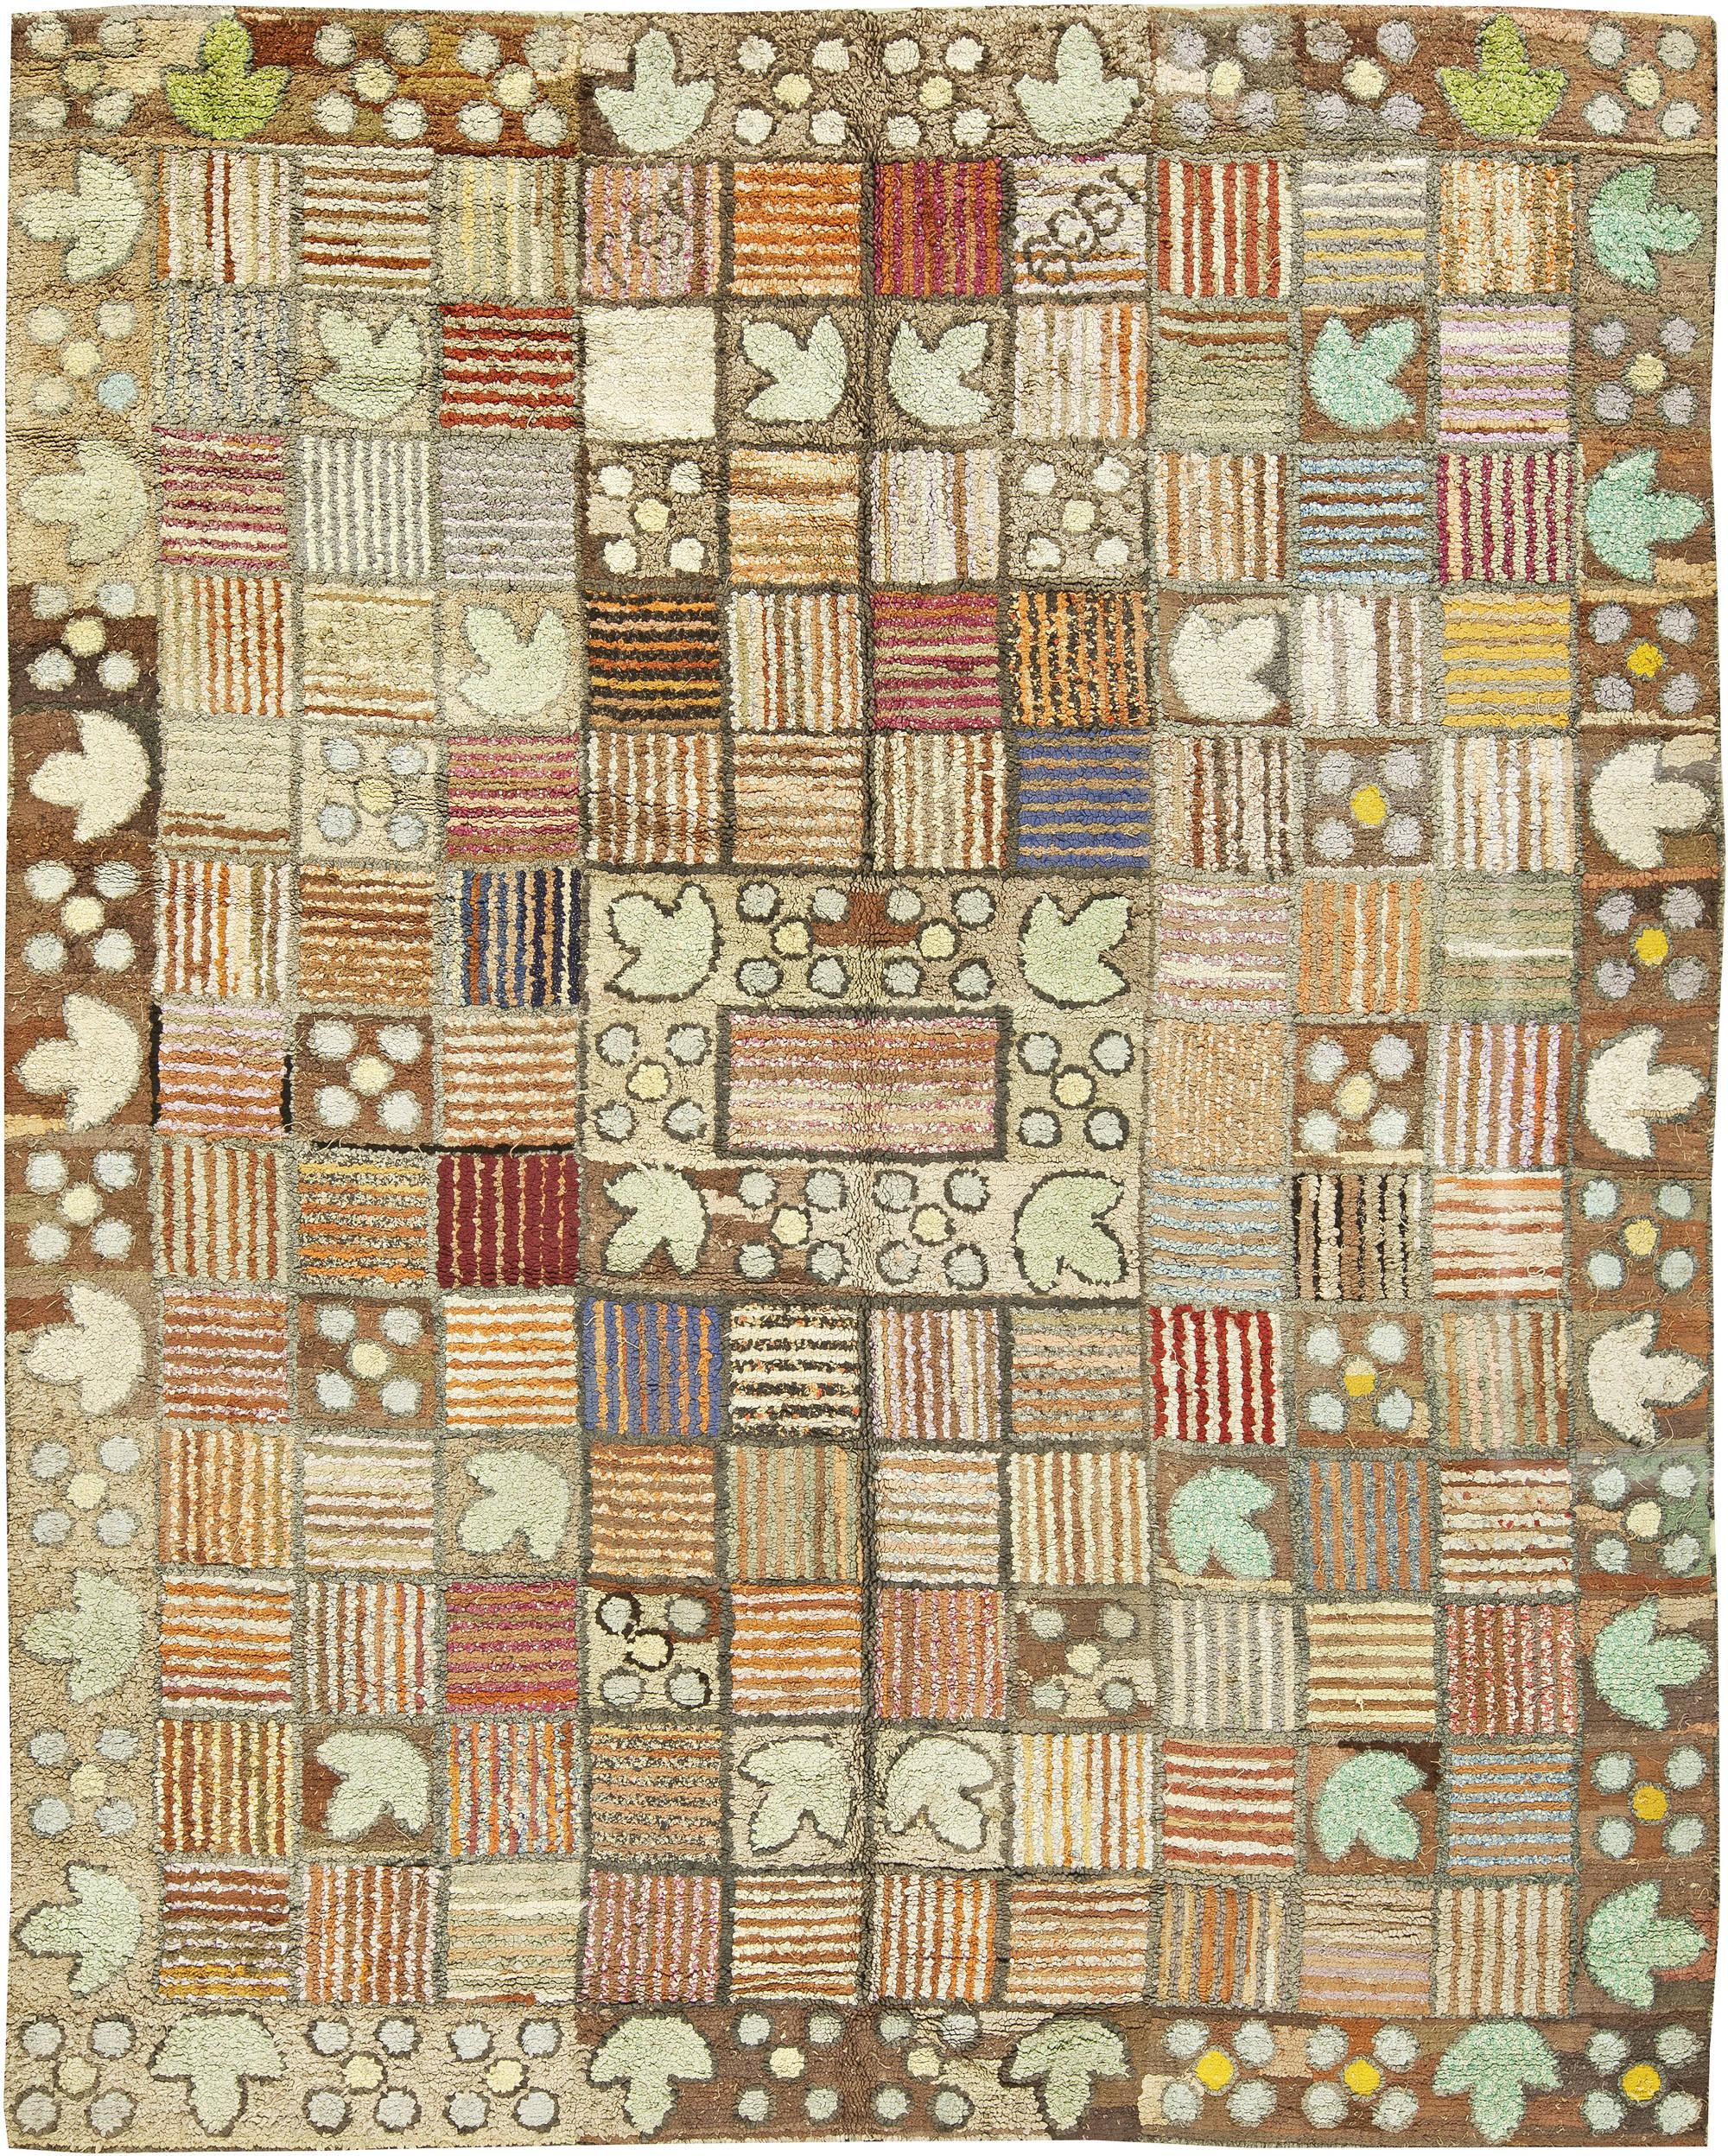 hooked rugs vintage american hooked rug bb3600. arrow down  47161db02bae4ef92bdede423862e8f0c2b91f81311572b5a8bb90eef3001a34 ICOCAFU